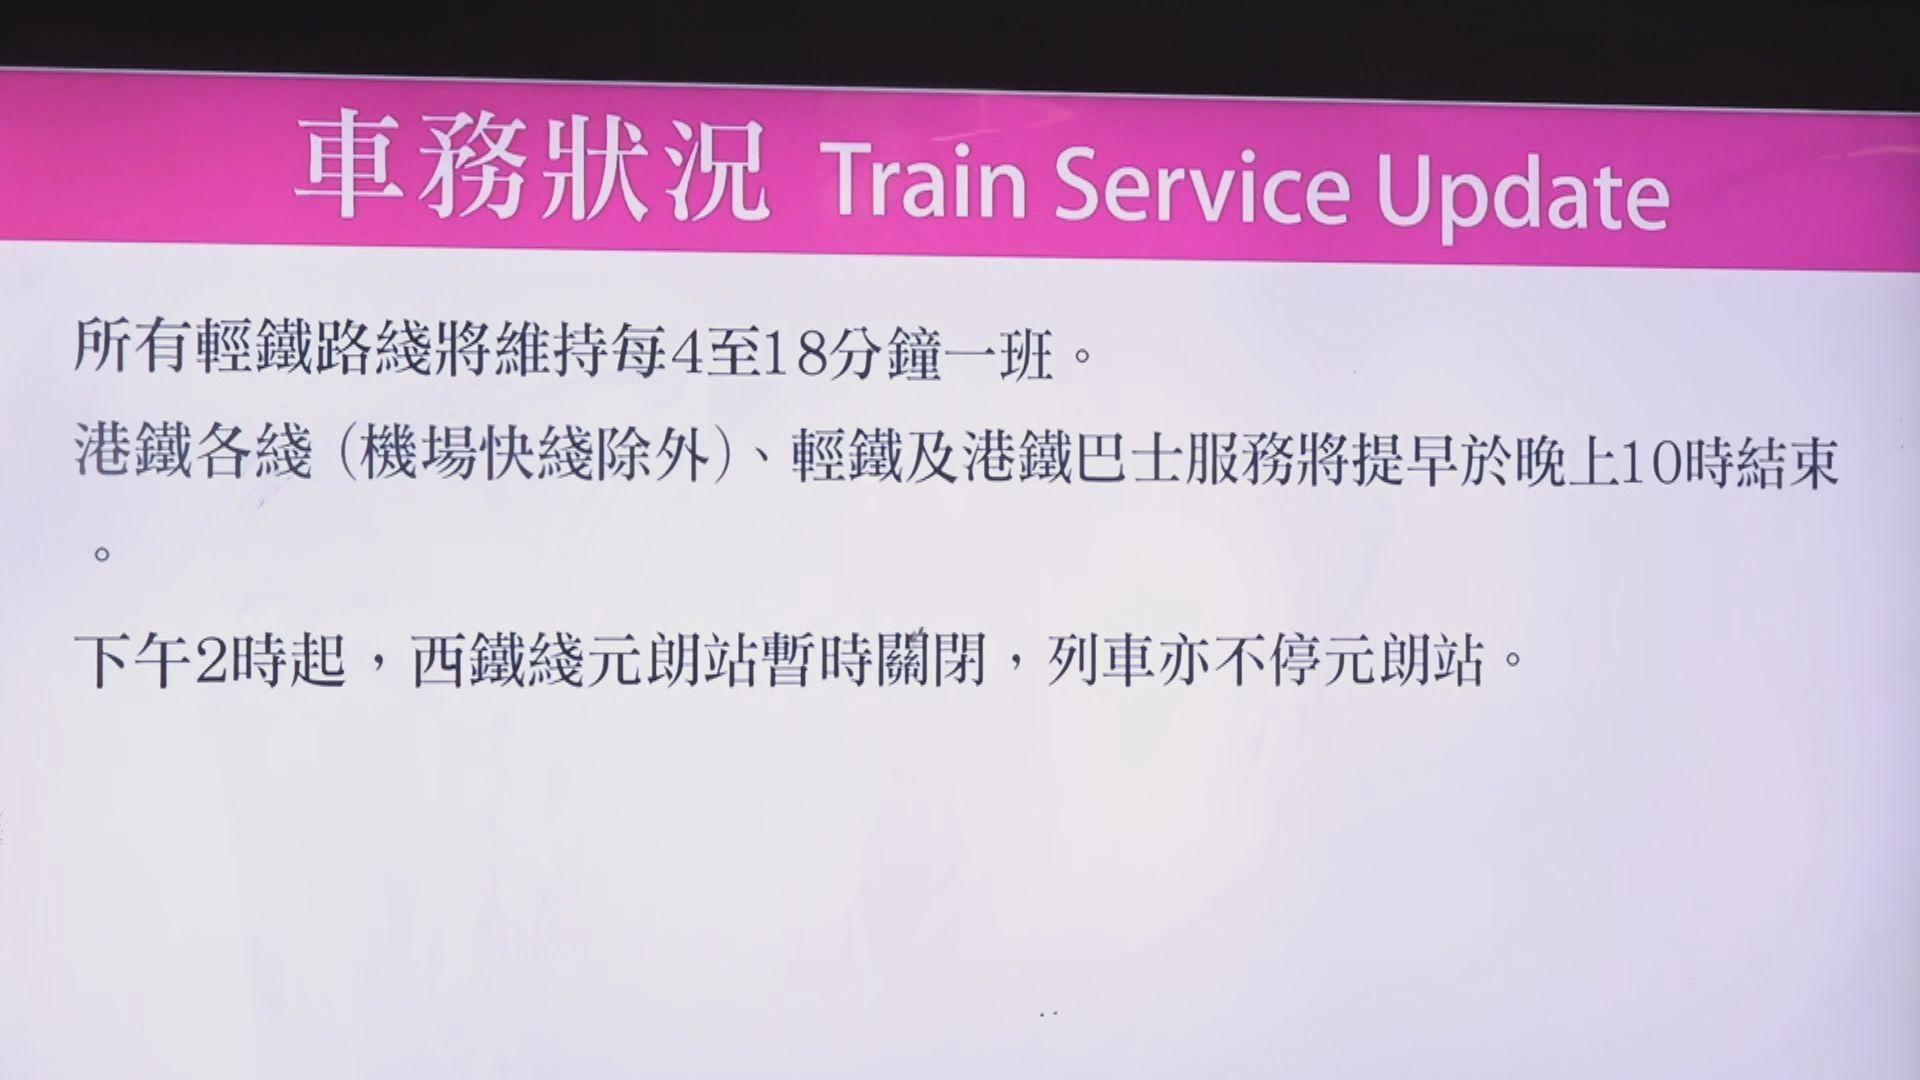 元朗襲擊事件三個月 元朗站二時起關閉